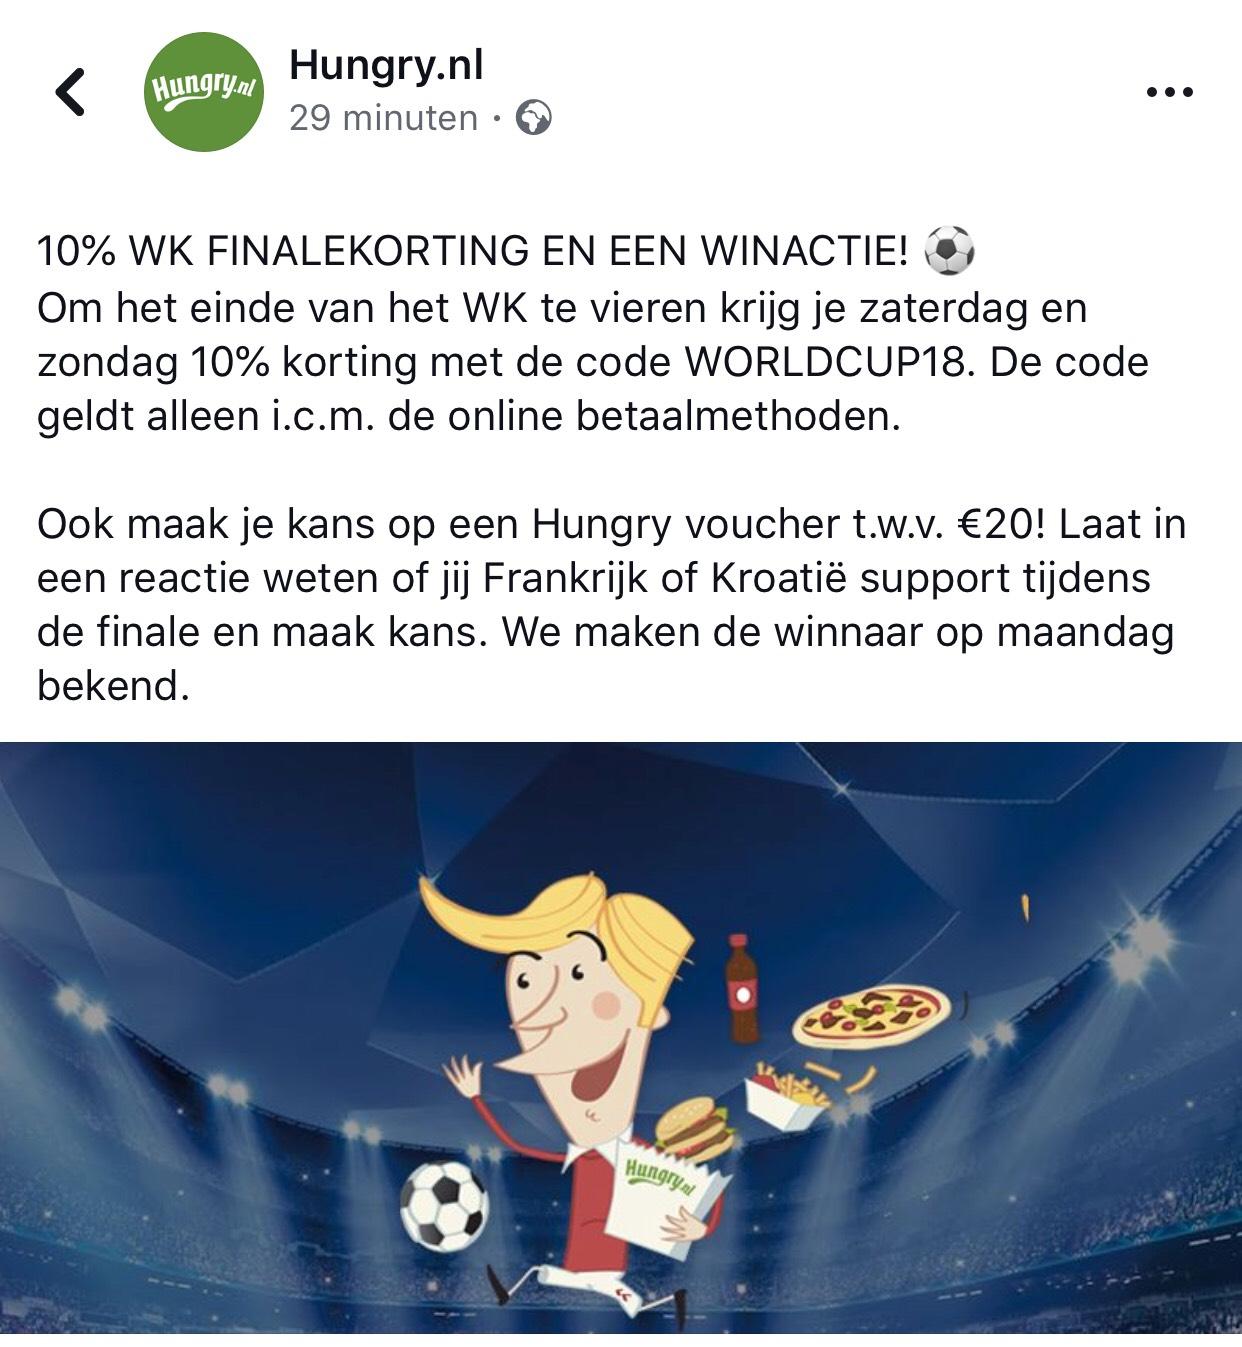 10% WK FINALEKORTING EN EEN WINACTIE!  @ hungry.nl